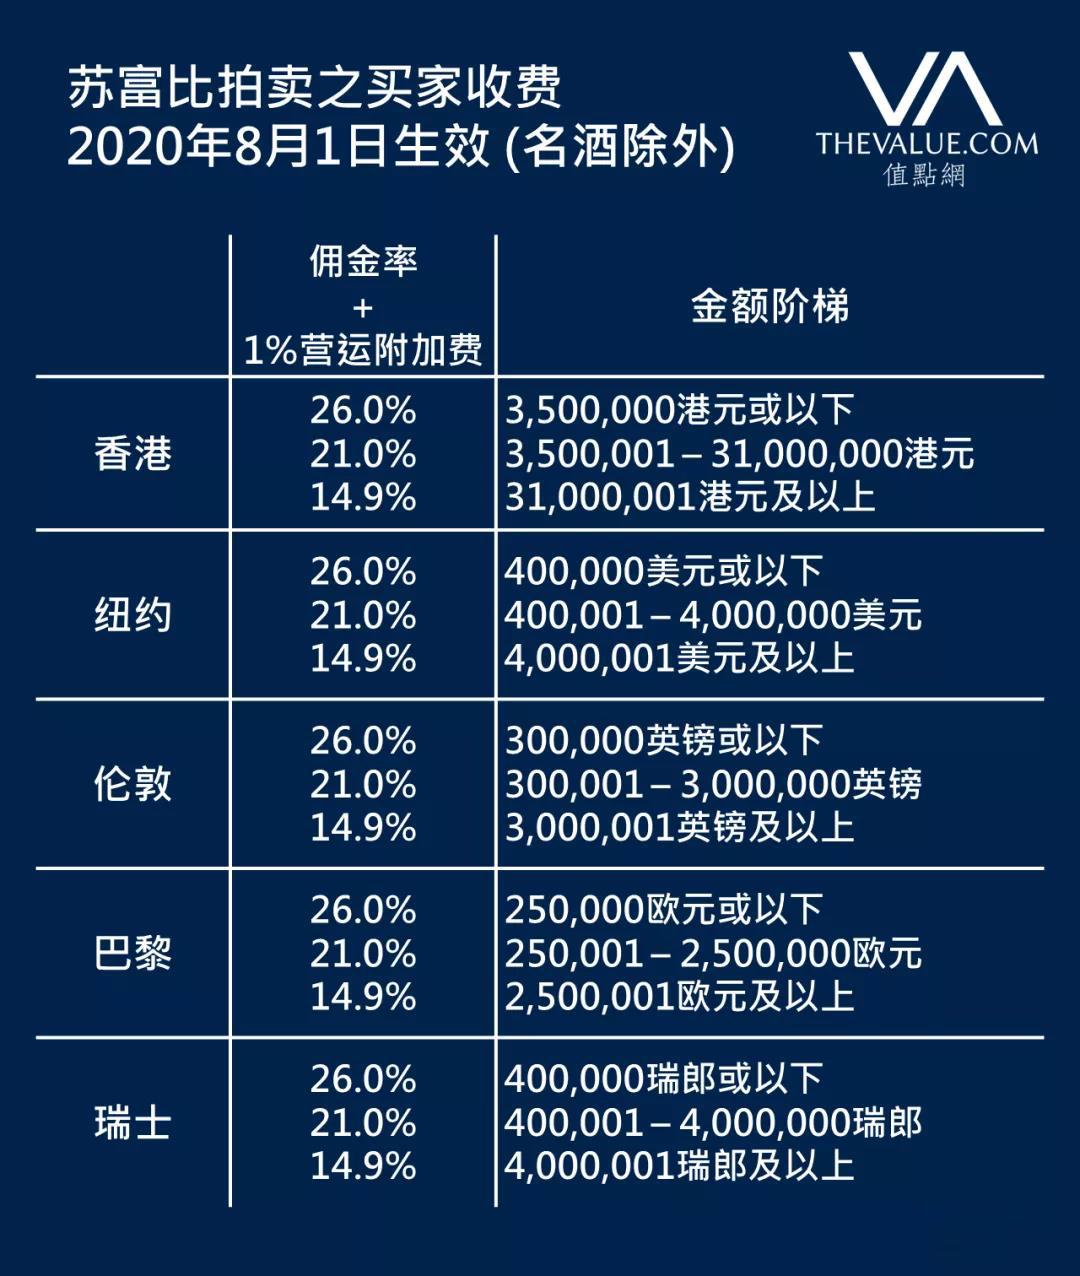 蘇富比全球拍賣增收落槌價1%